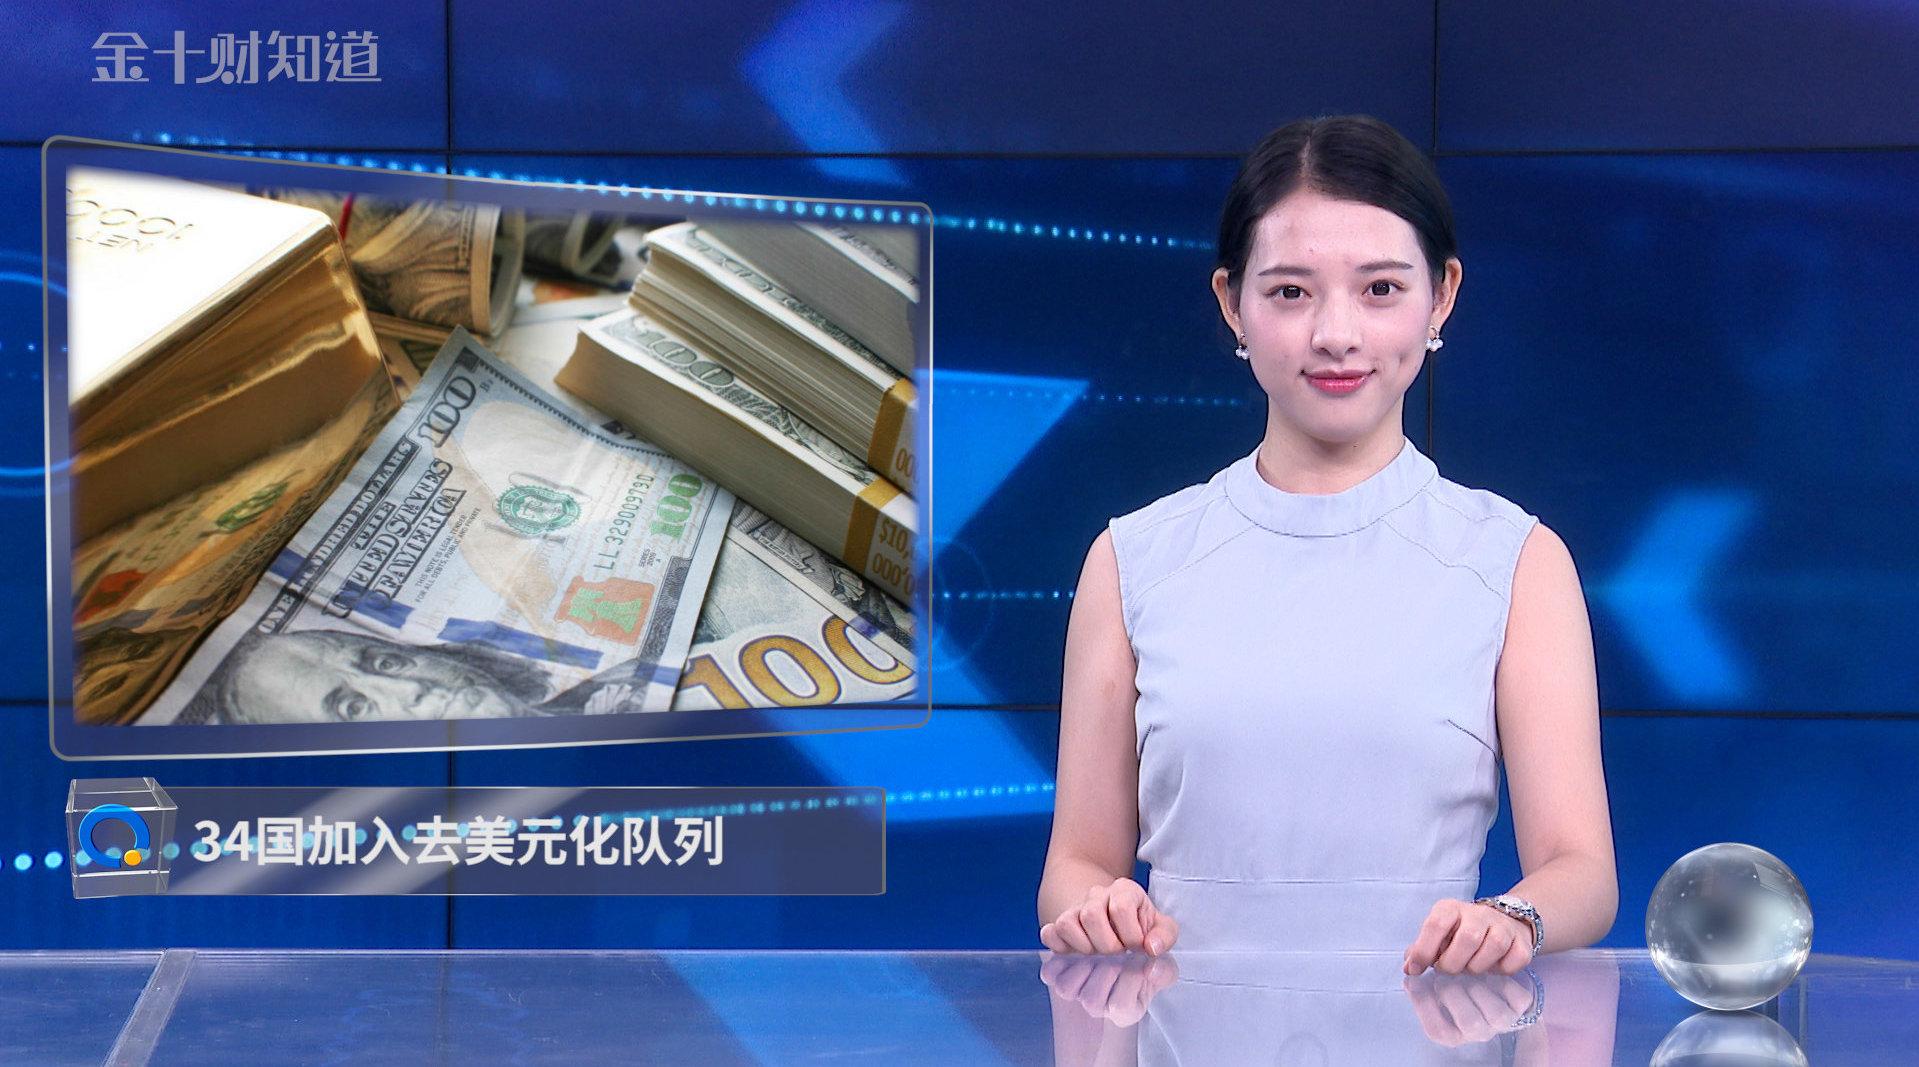 34国去美元之下,中国再抛22亿美债,日本英国央行等也即将行动